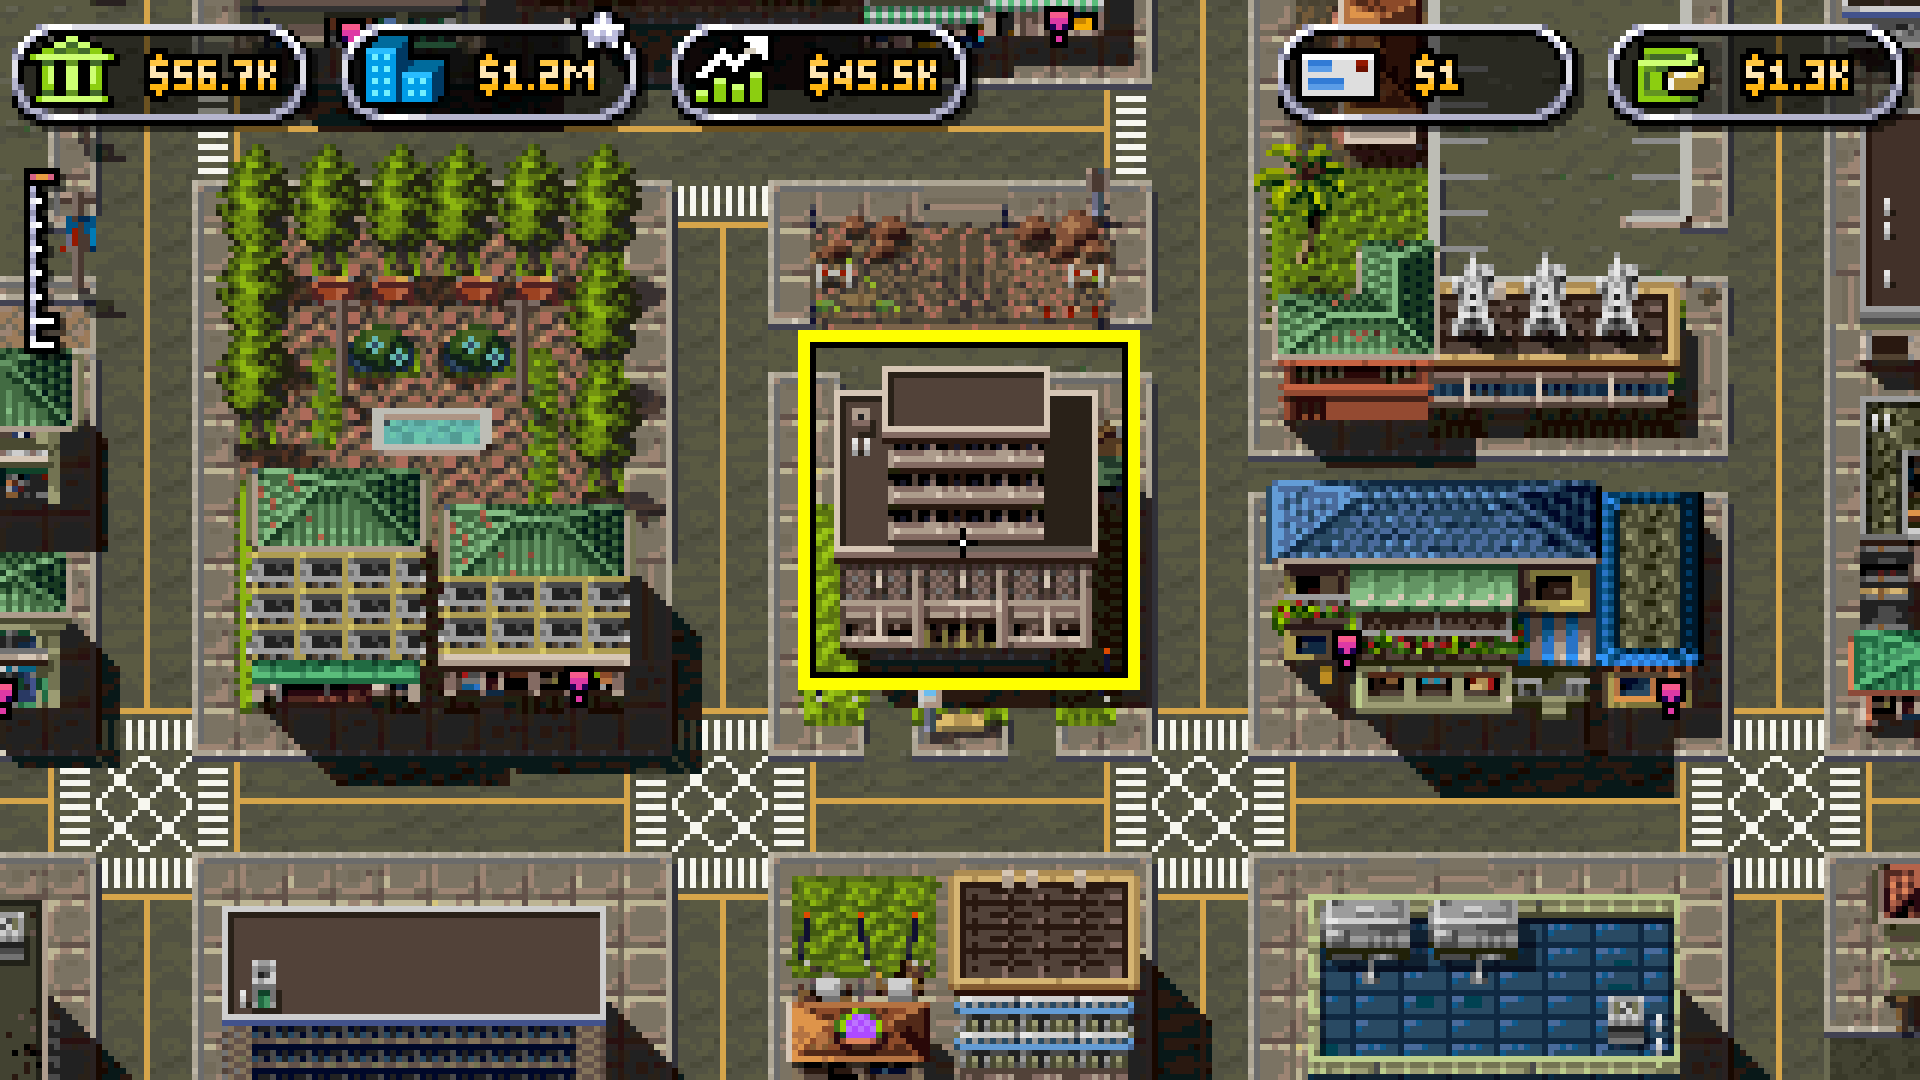 像素GTA《夏威夷劫案》进入开发末期 素质再升级